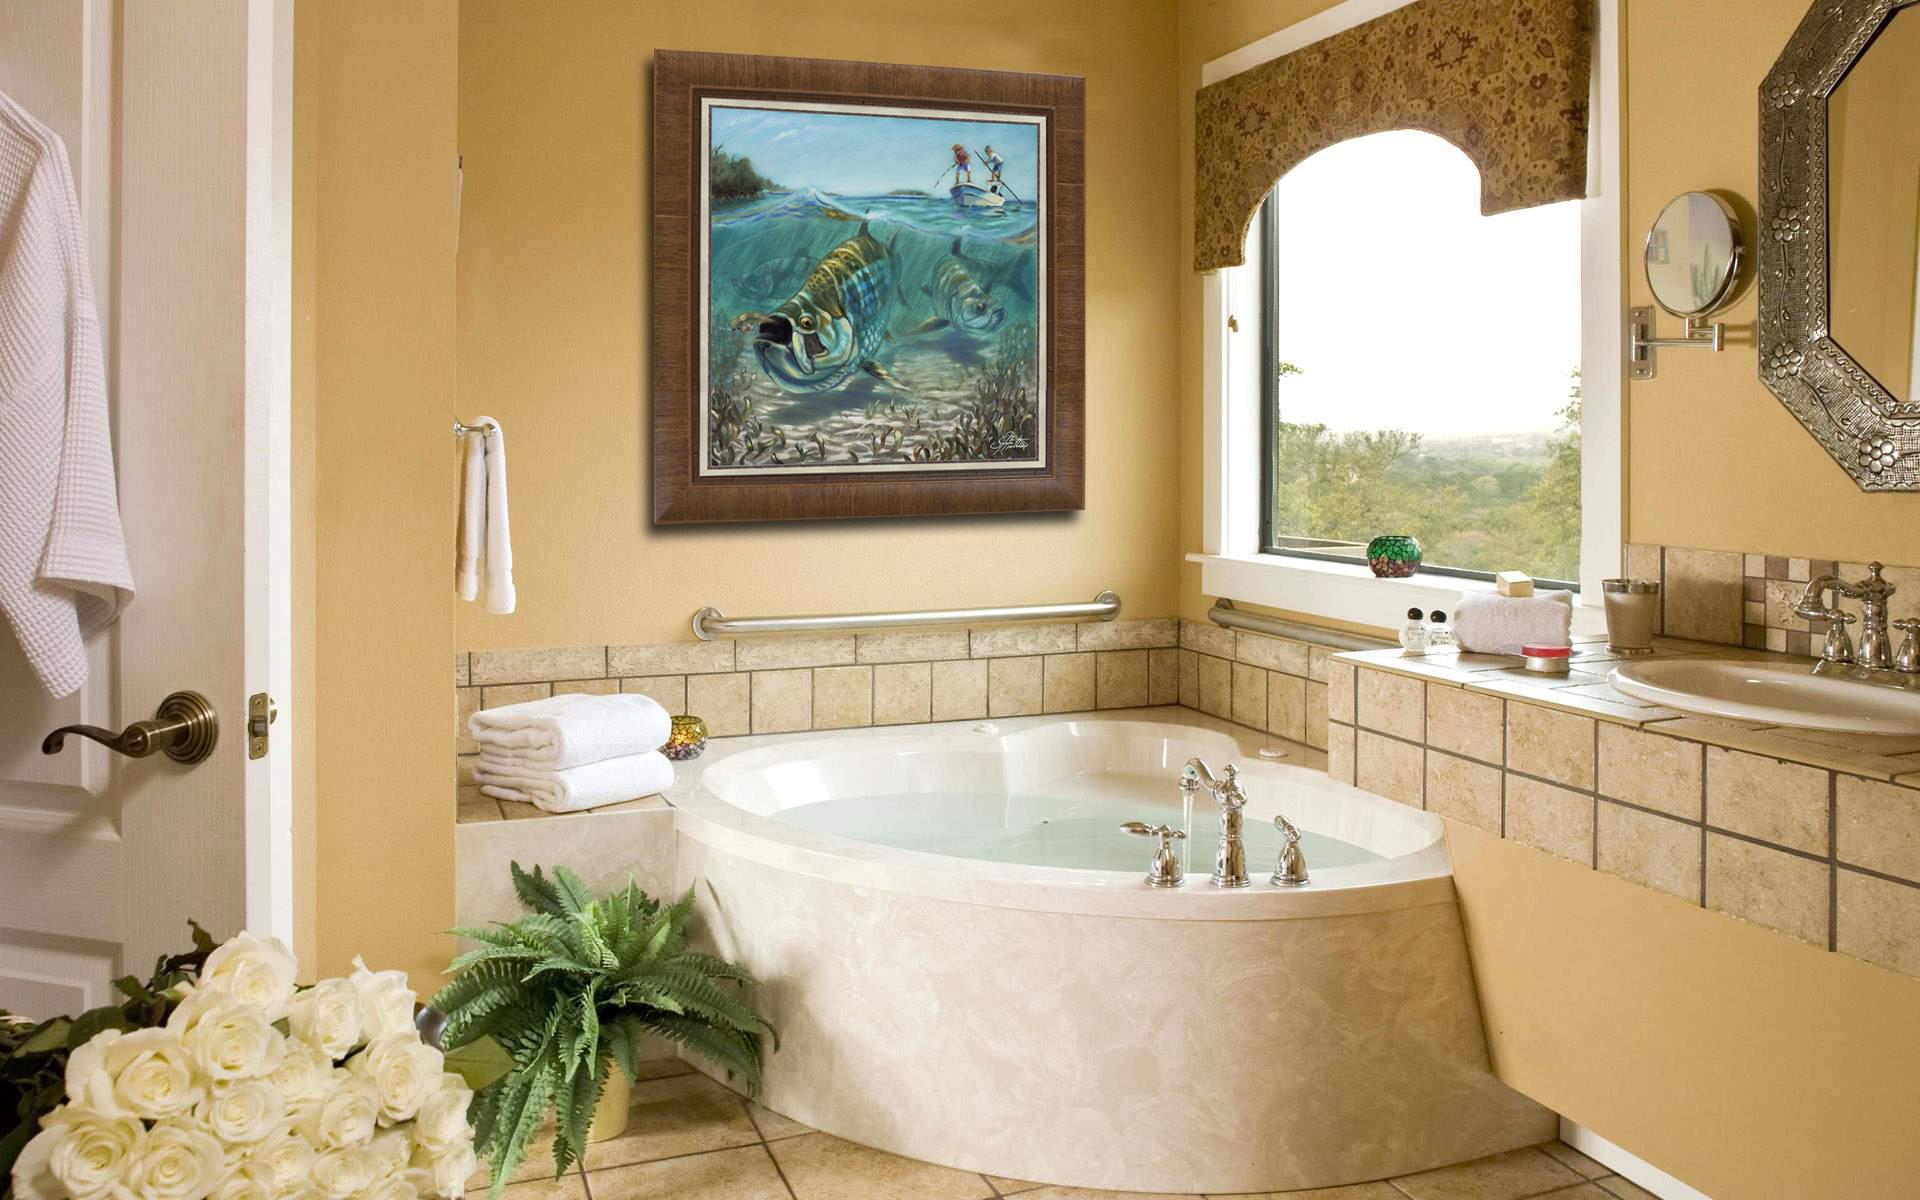 tarpon-fever-bath-room-home-interior-design-ideas3.jpg